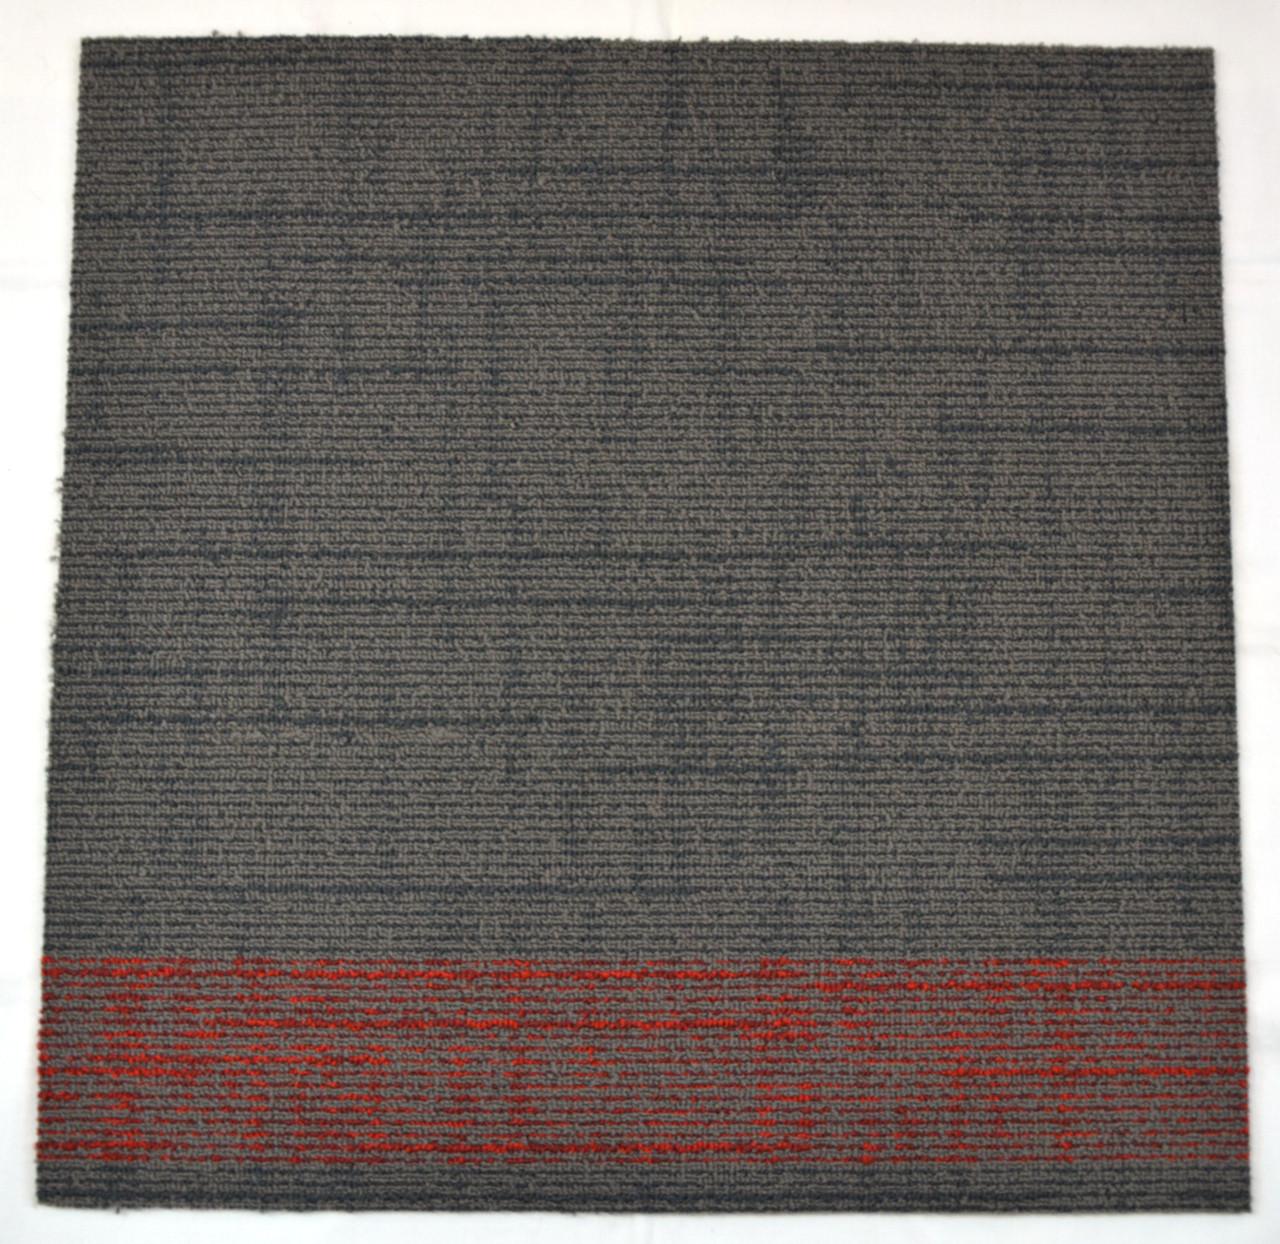 Dean Diy Carpet Tile Squares Gray Amp Red Patterned 48